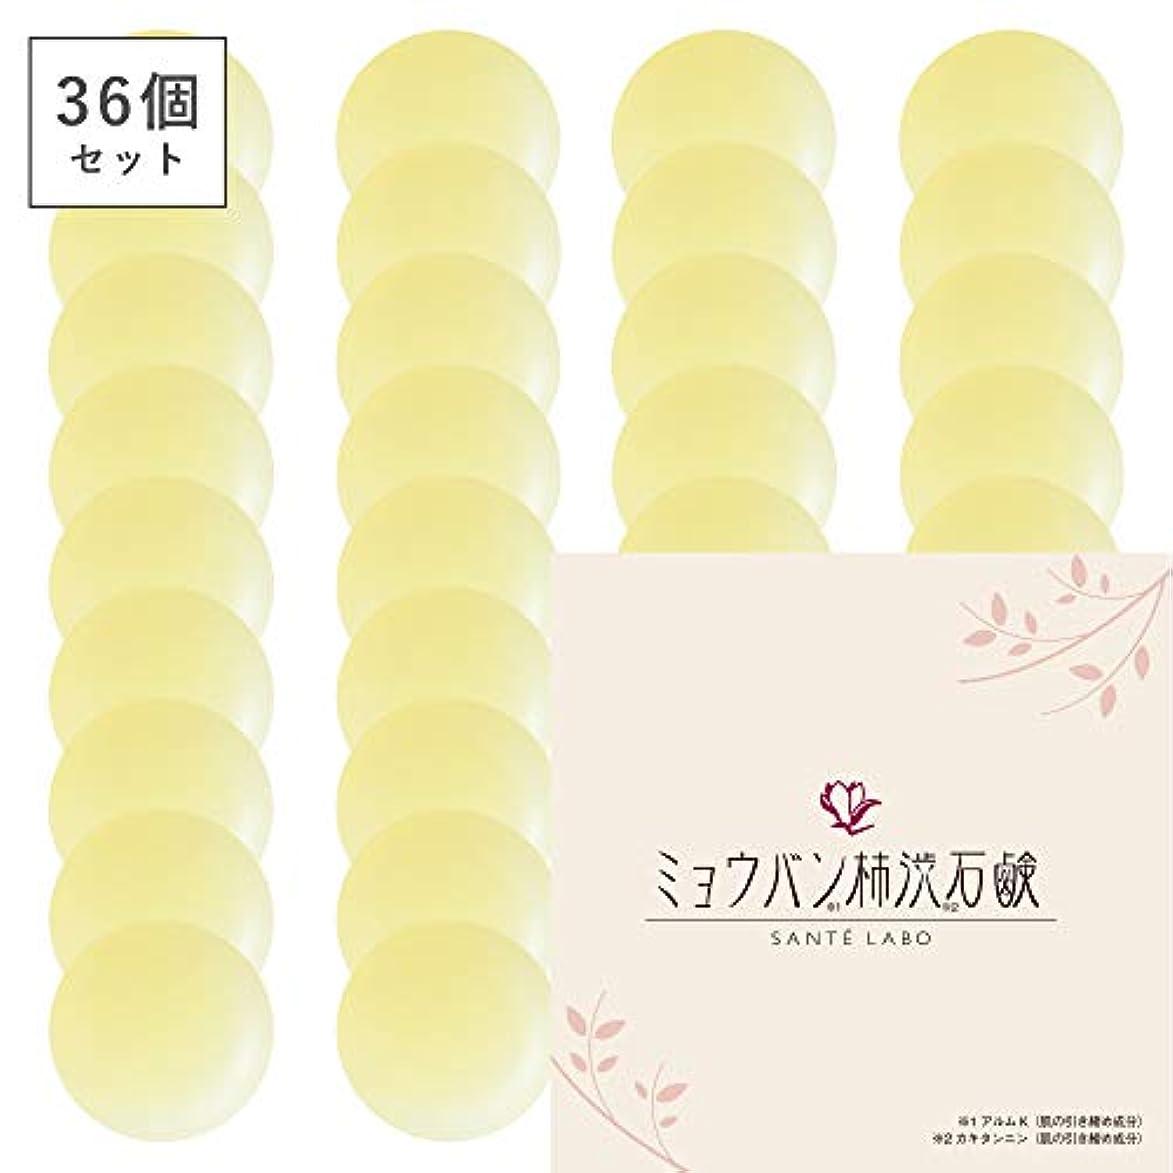 メニューメニュー代替案【36個セット】ミョウバン柿渋石鹸(ナチュラルクリアソープ) (36個)